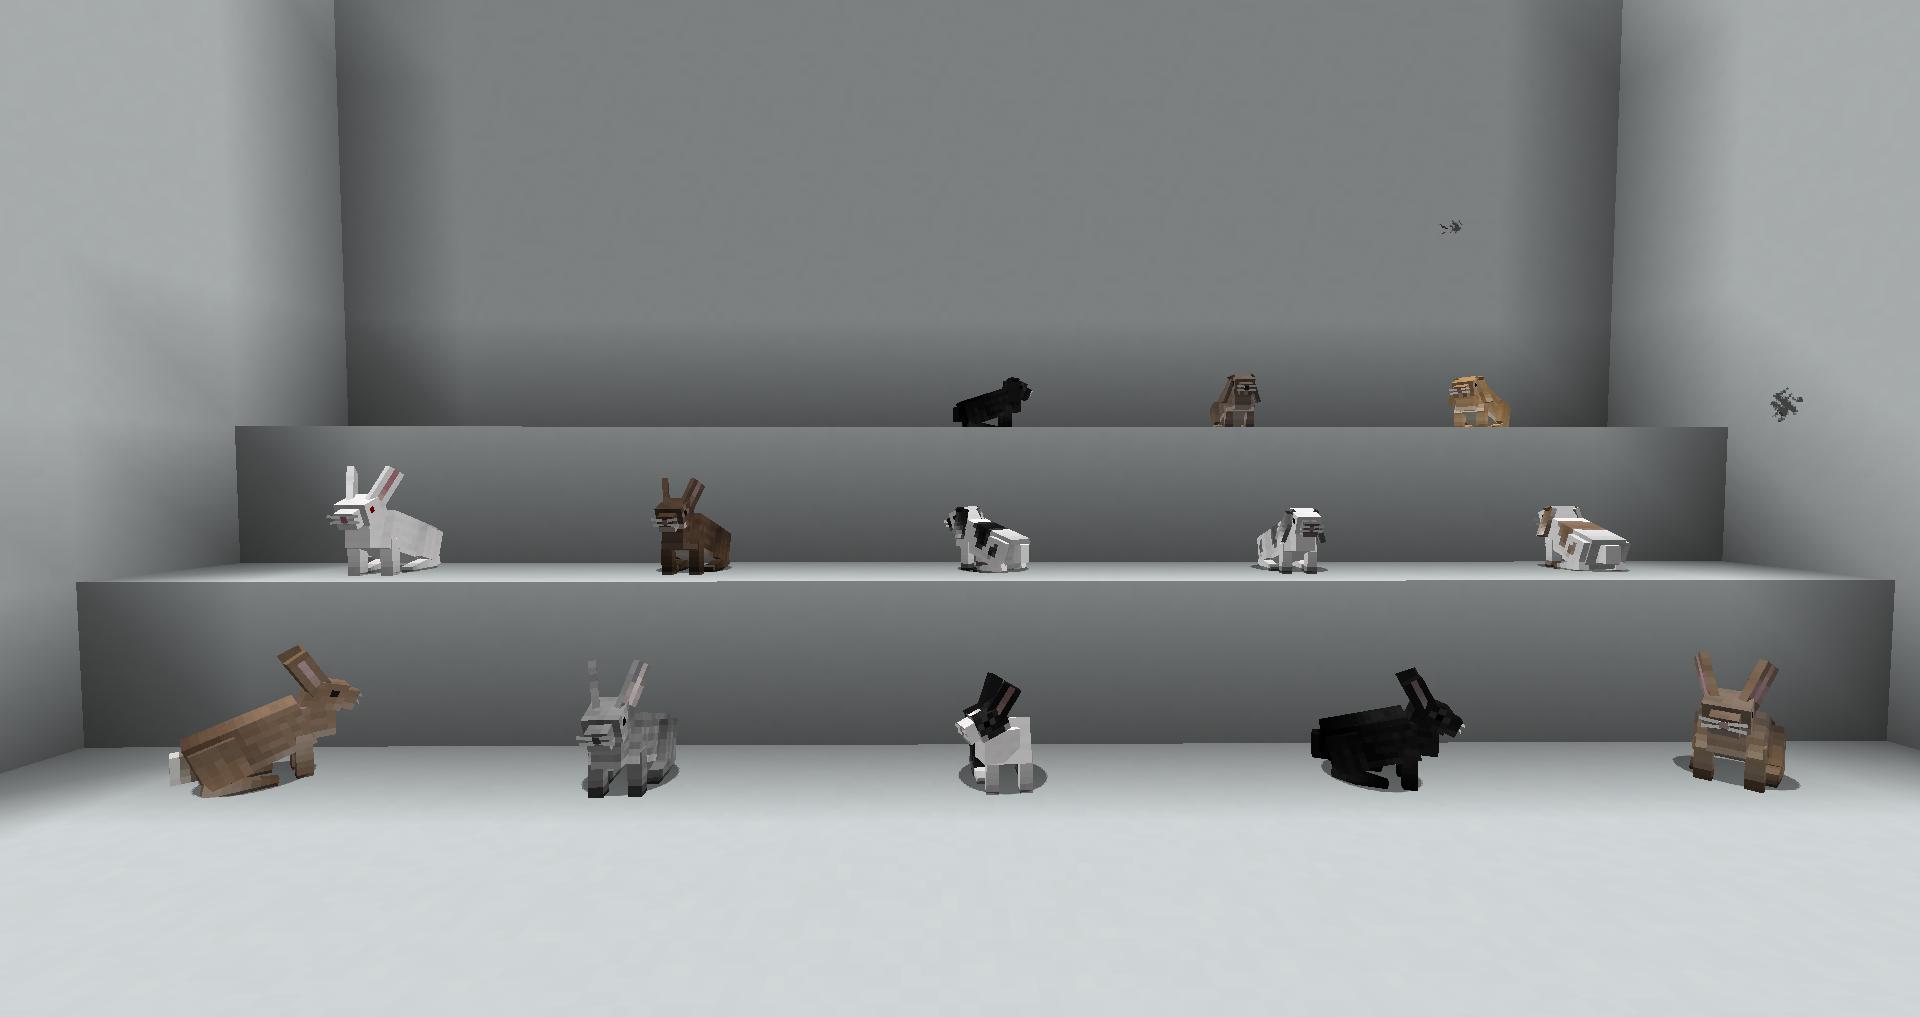 Rabbits | Animania Wiki | FANDOM powered by Wikia